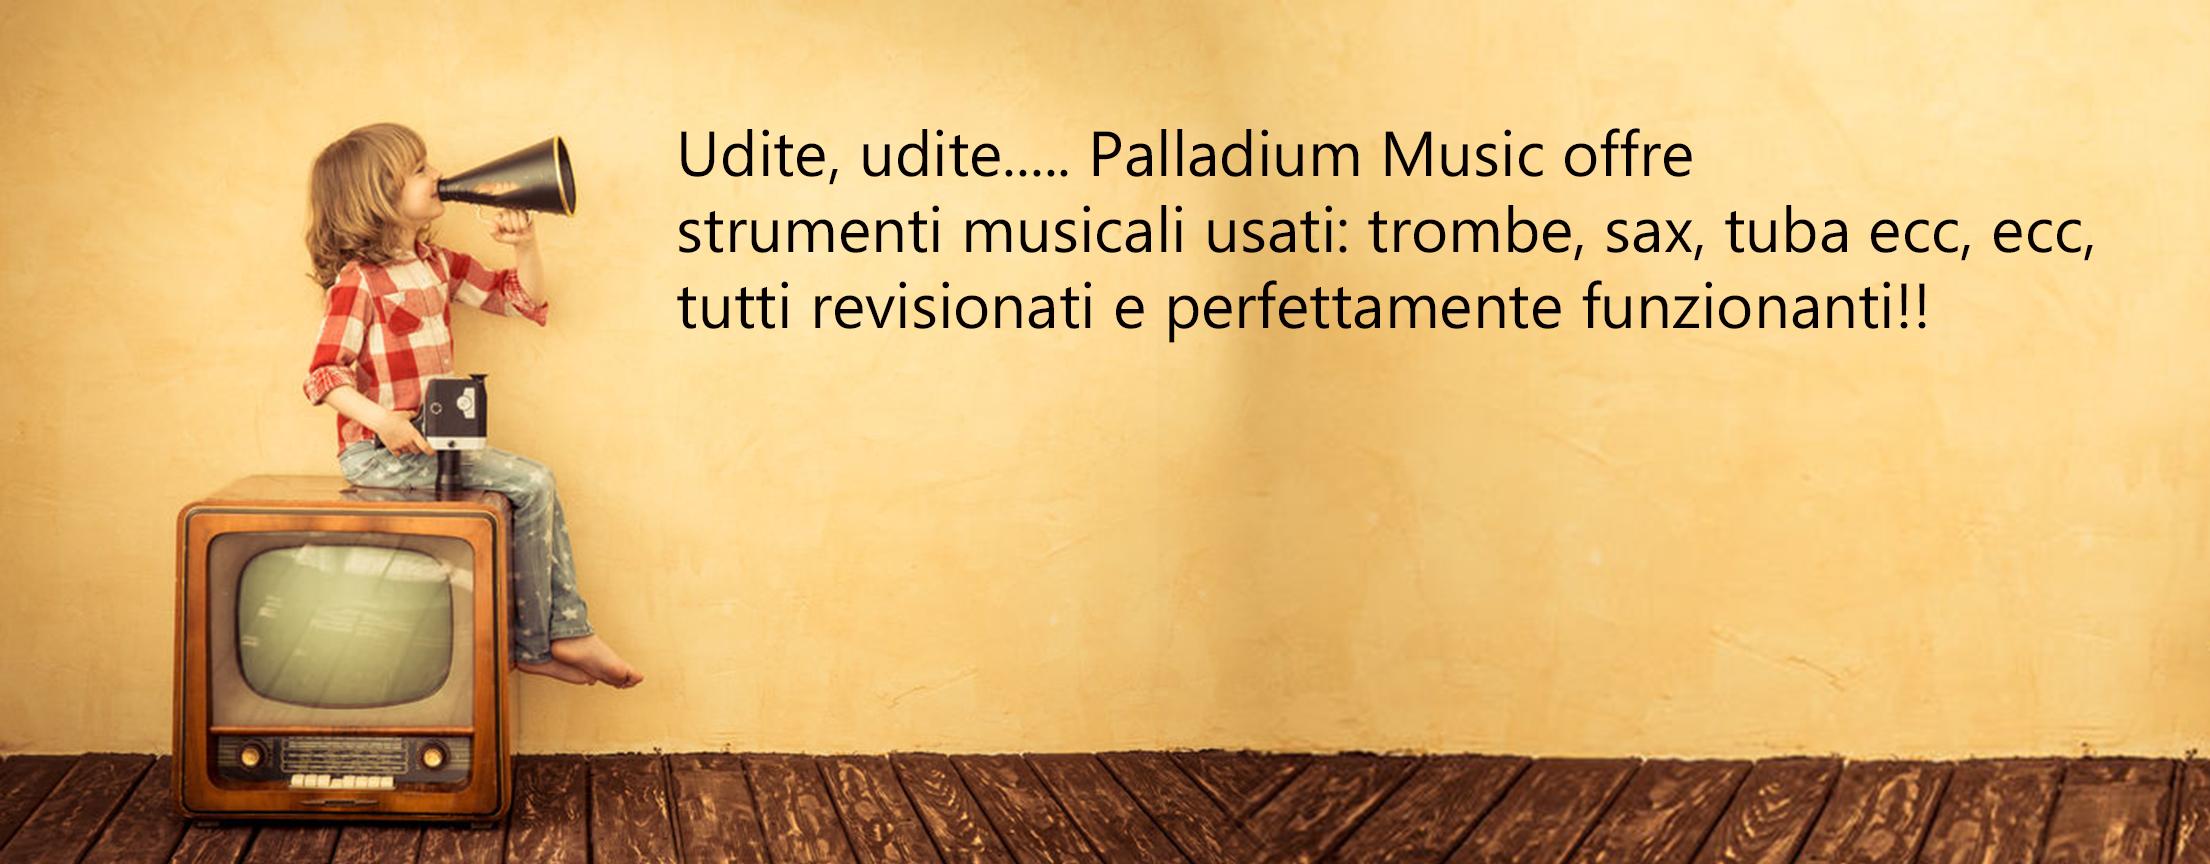 Strumenti Musicali usati e garantiti!